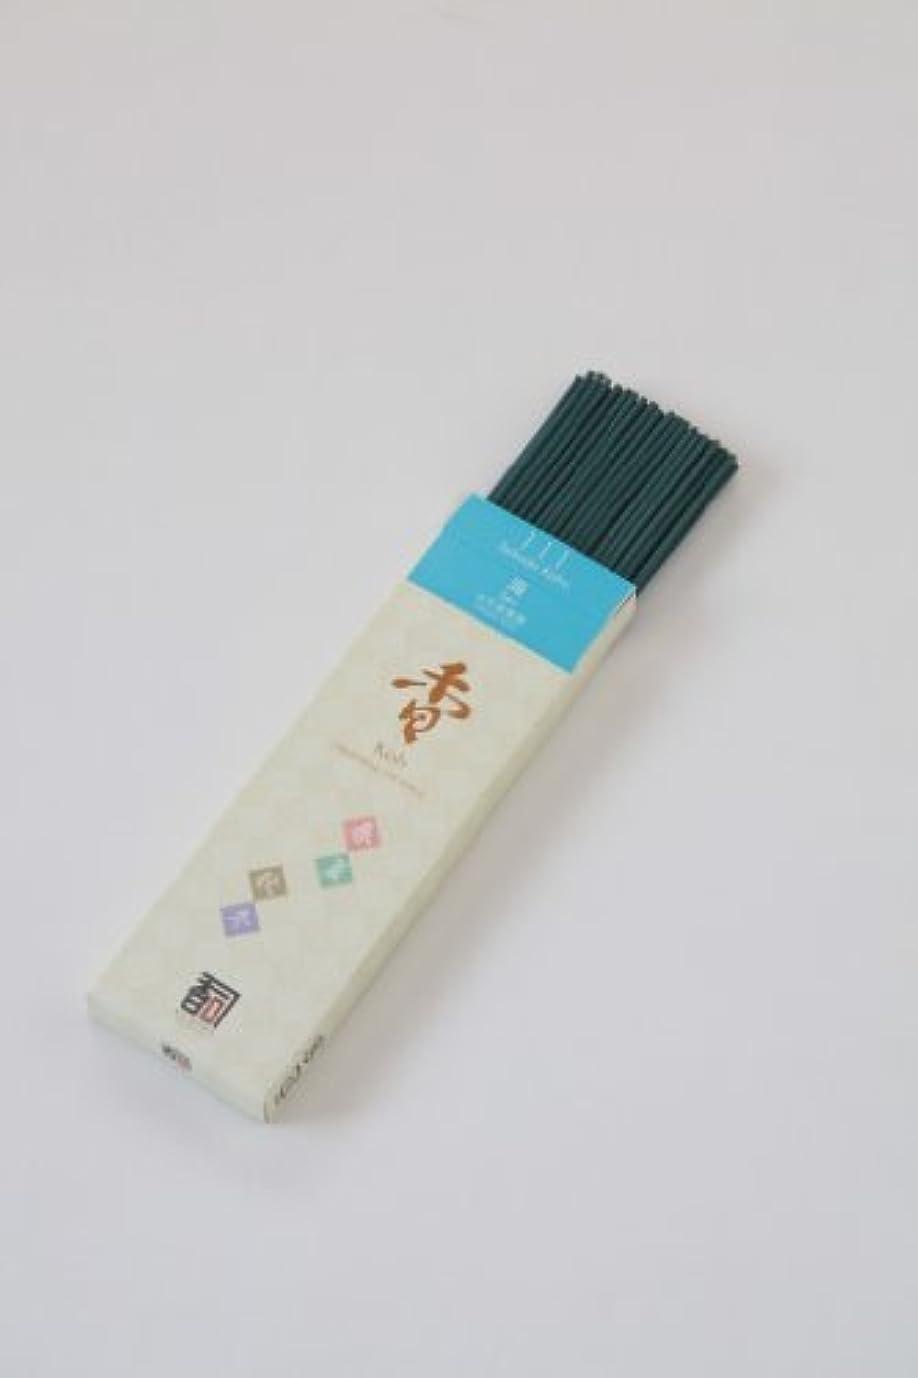 統合磁気何故なの「あわじ島の香司」 日本の香りシリーズ (春夏秋冬) 【111】  ◆海◆